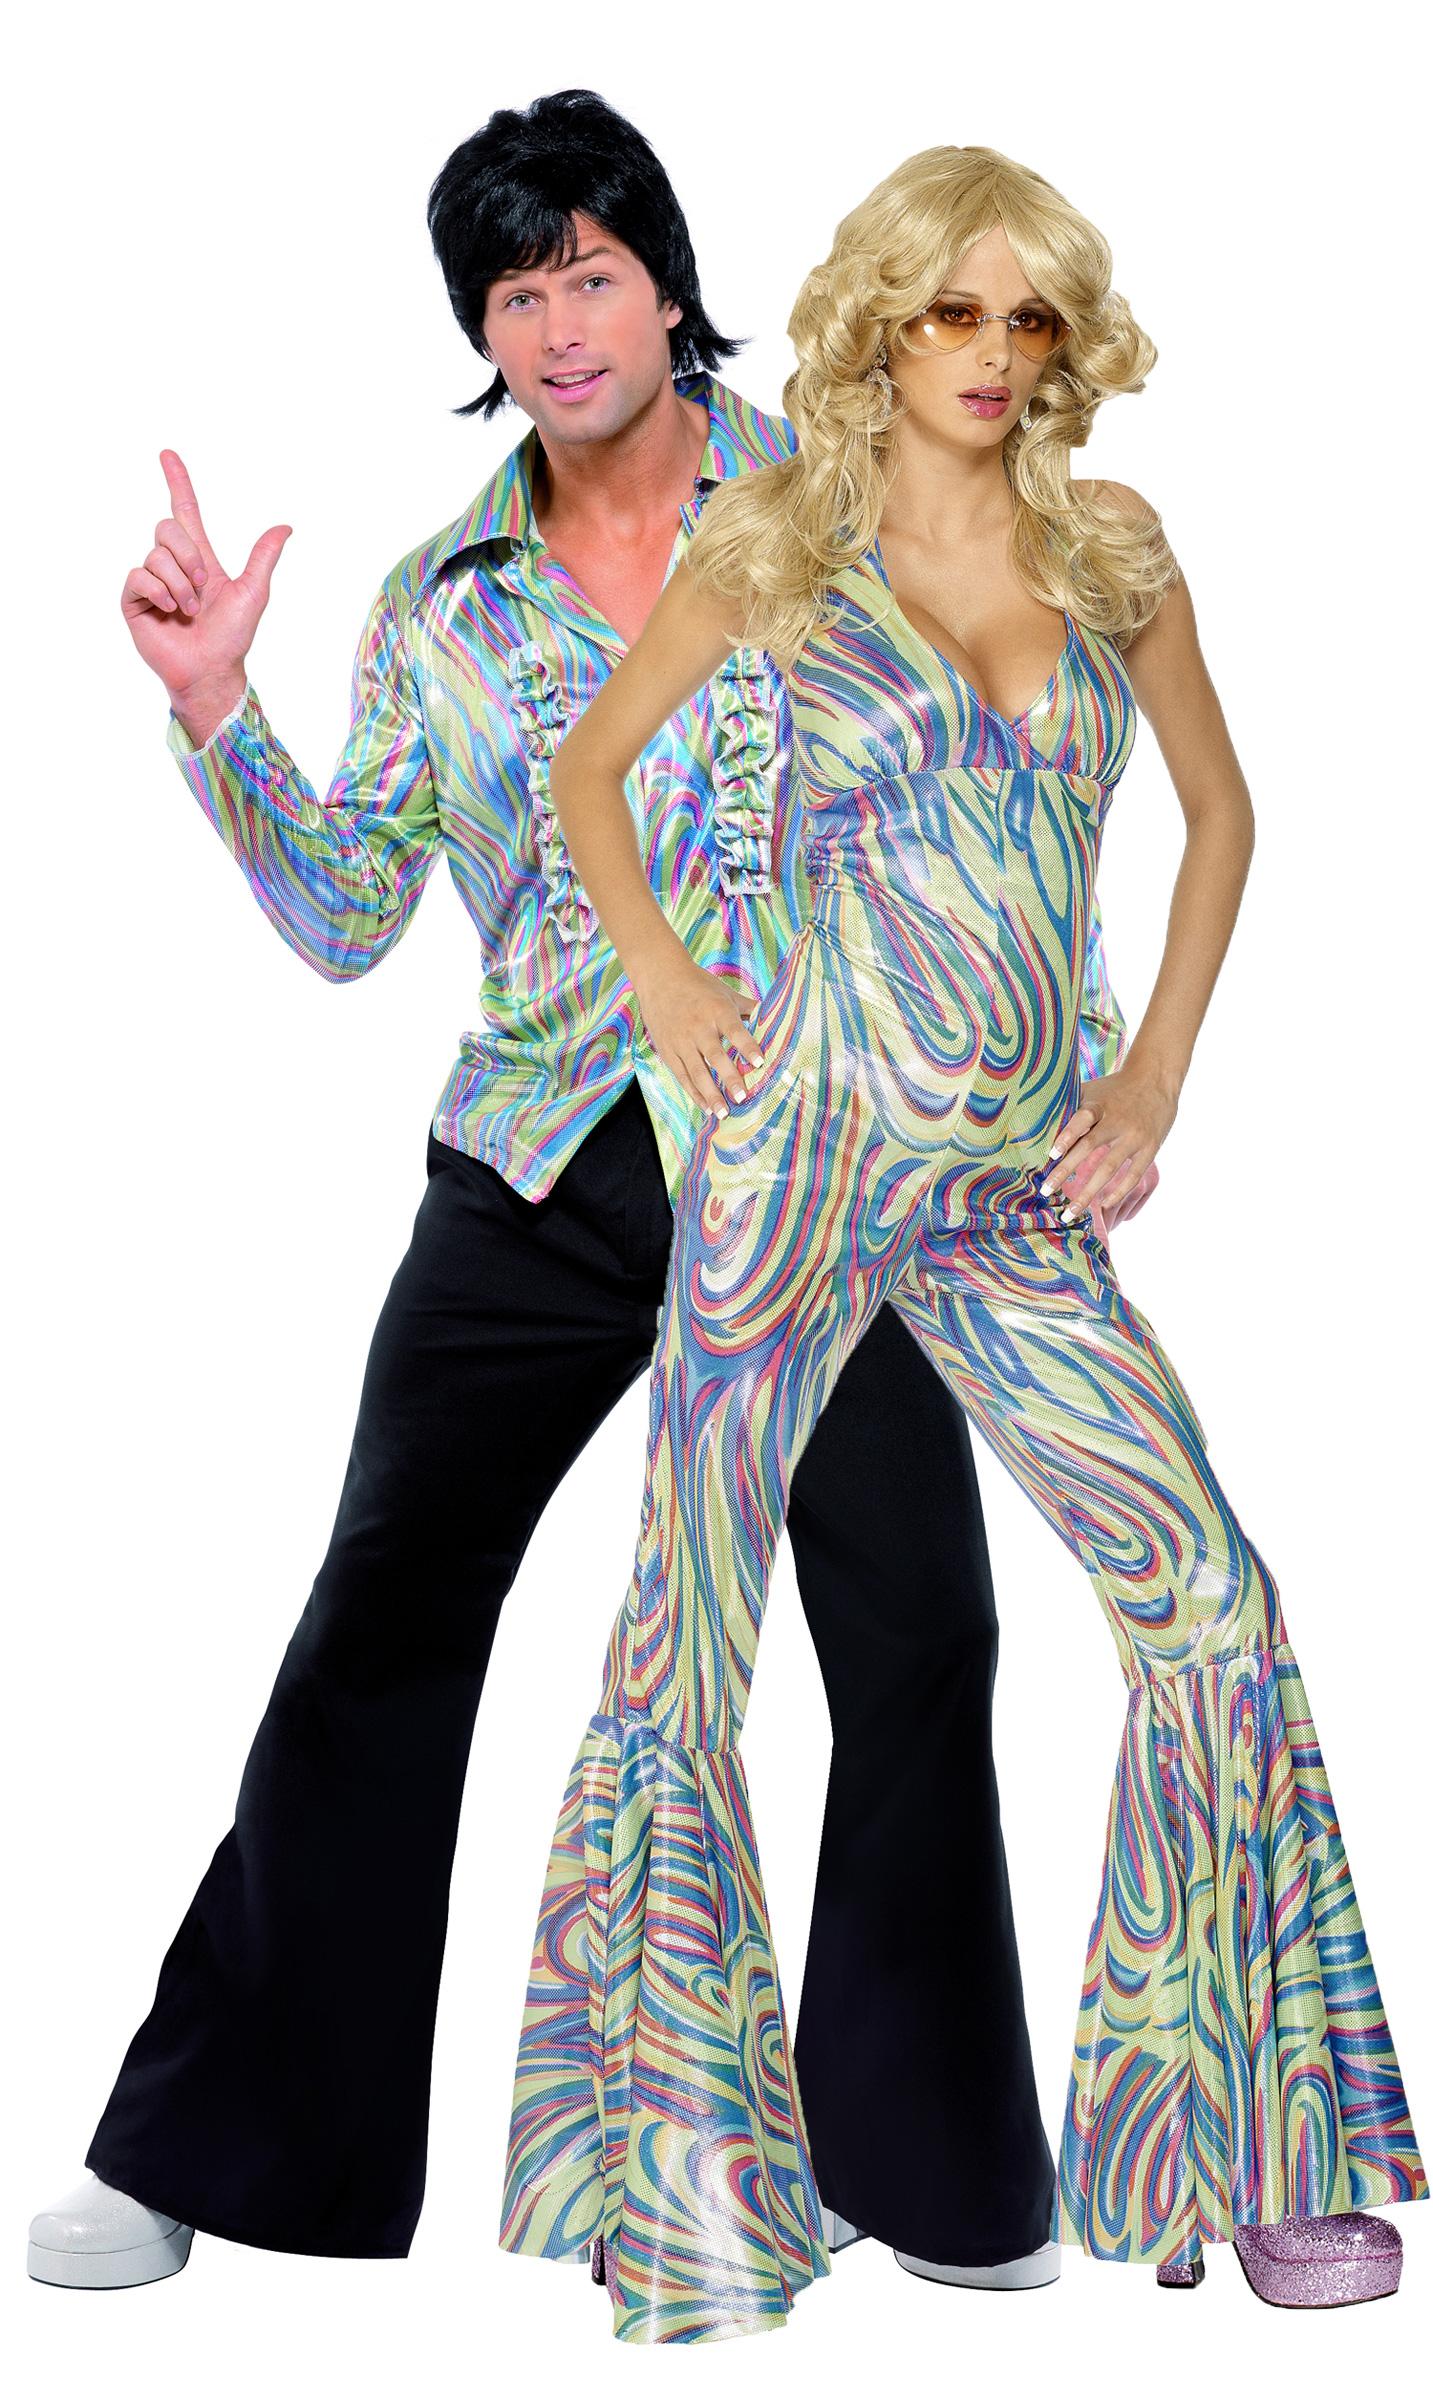 d guisement couple disco costume couple pas cher d guisement carnaval. Black Bedroom Furniture Sets. Home Design Ideas